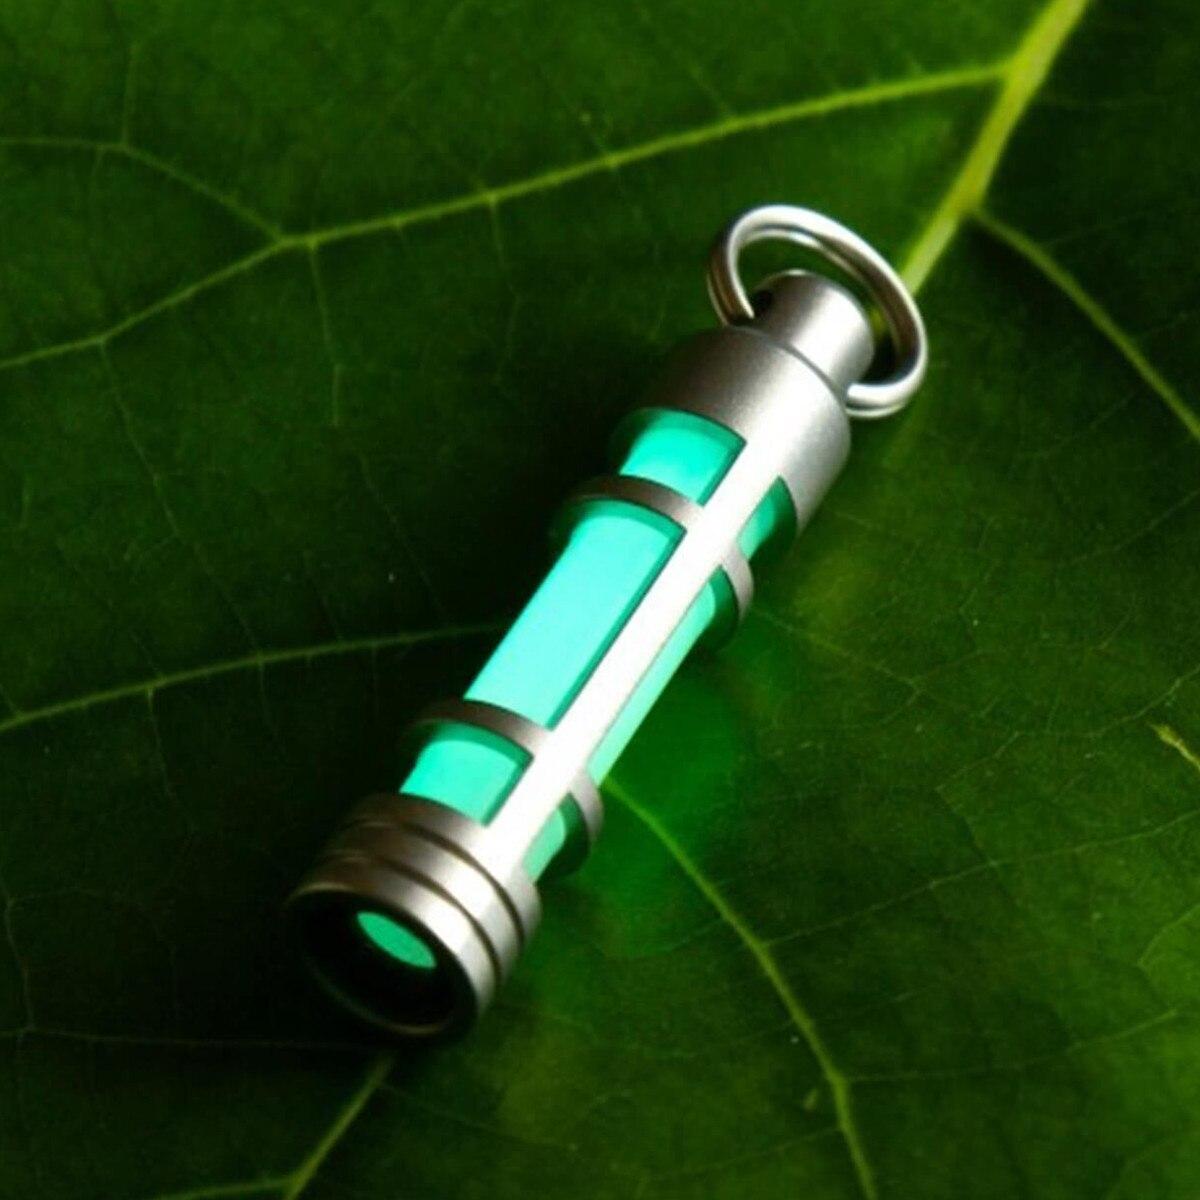 Porte-clés en titane tritium porte-clés lumineux lampe à gaz tritium lumières de secours de sauvetage lumière automatique 25 ans